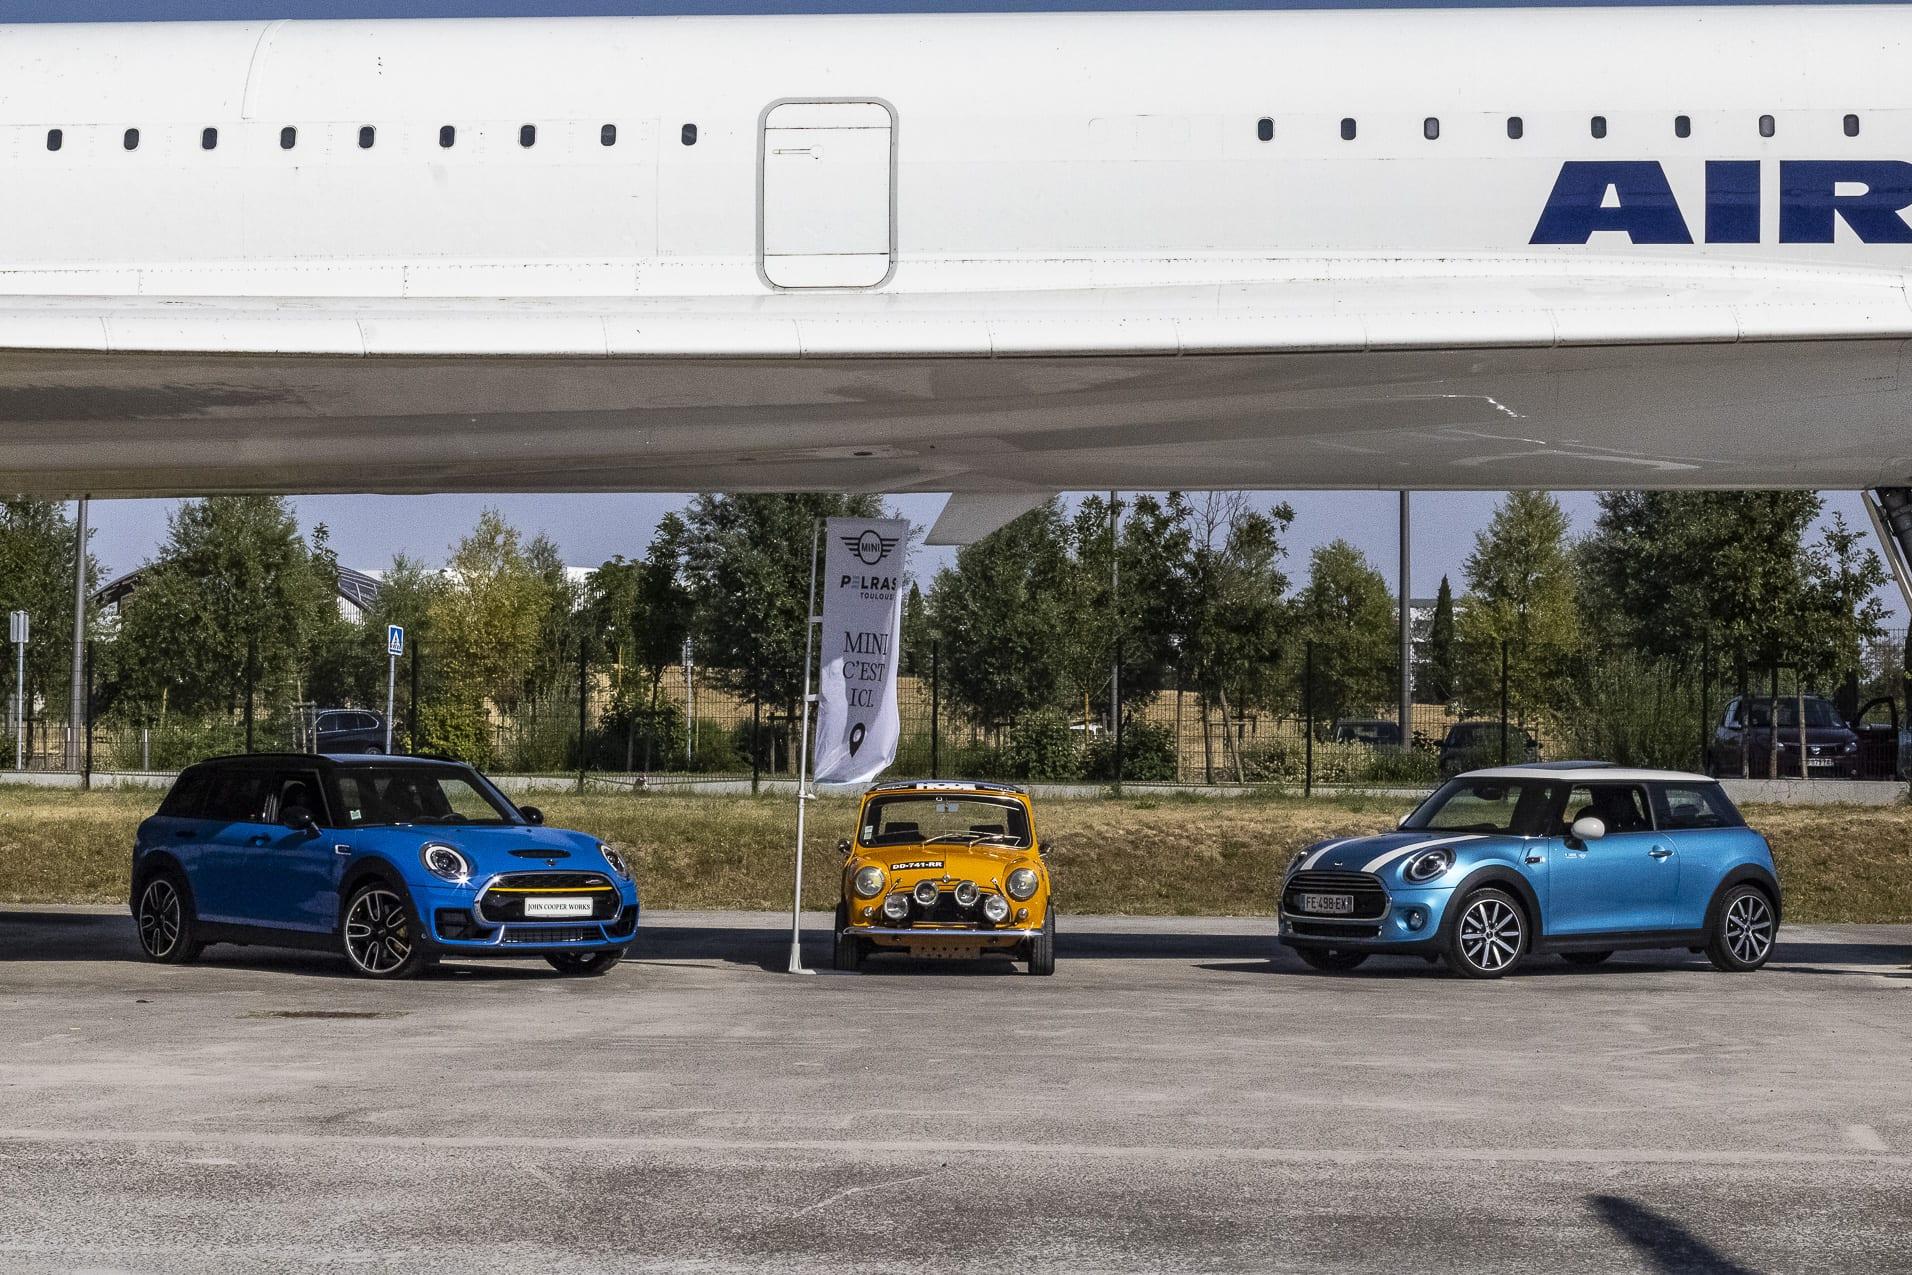 Mini et Concorde